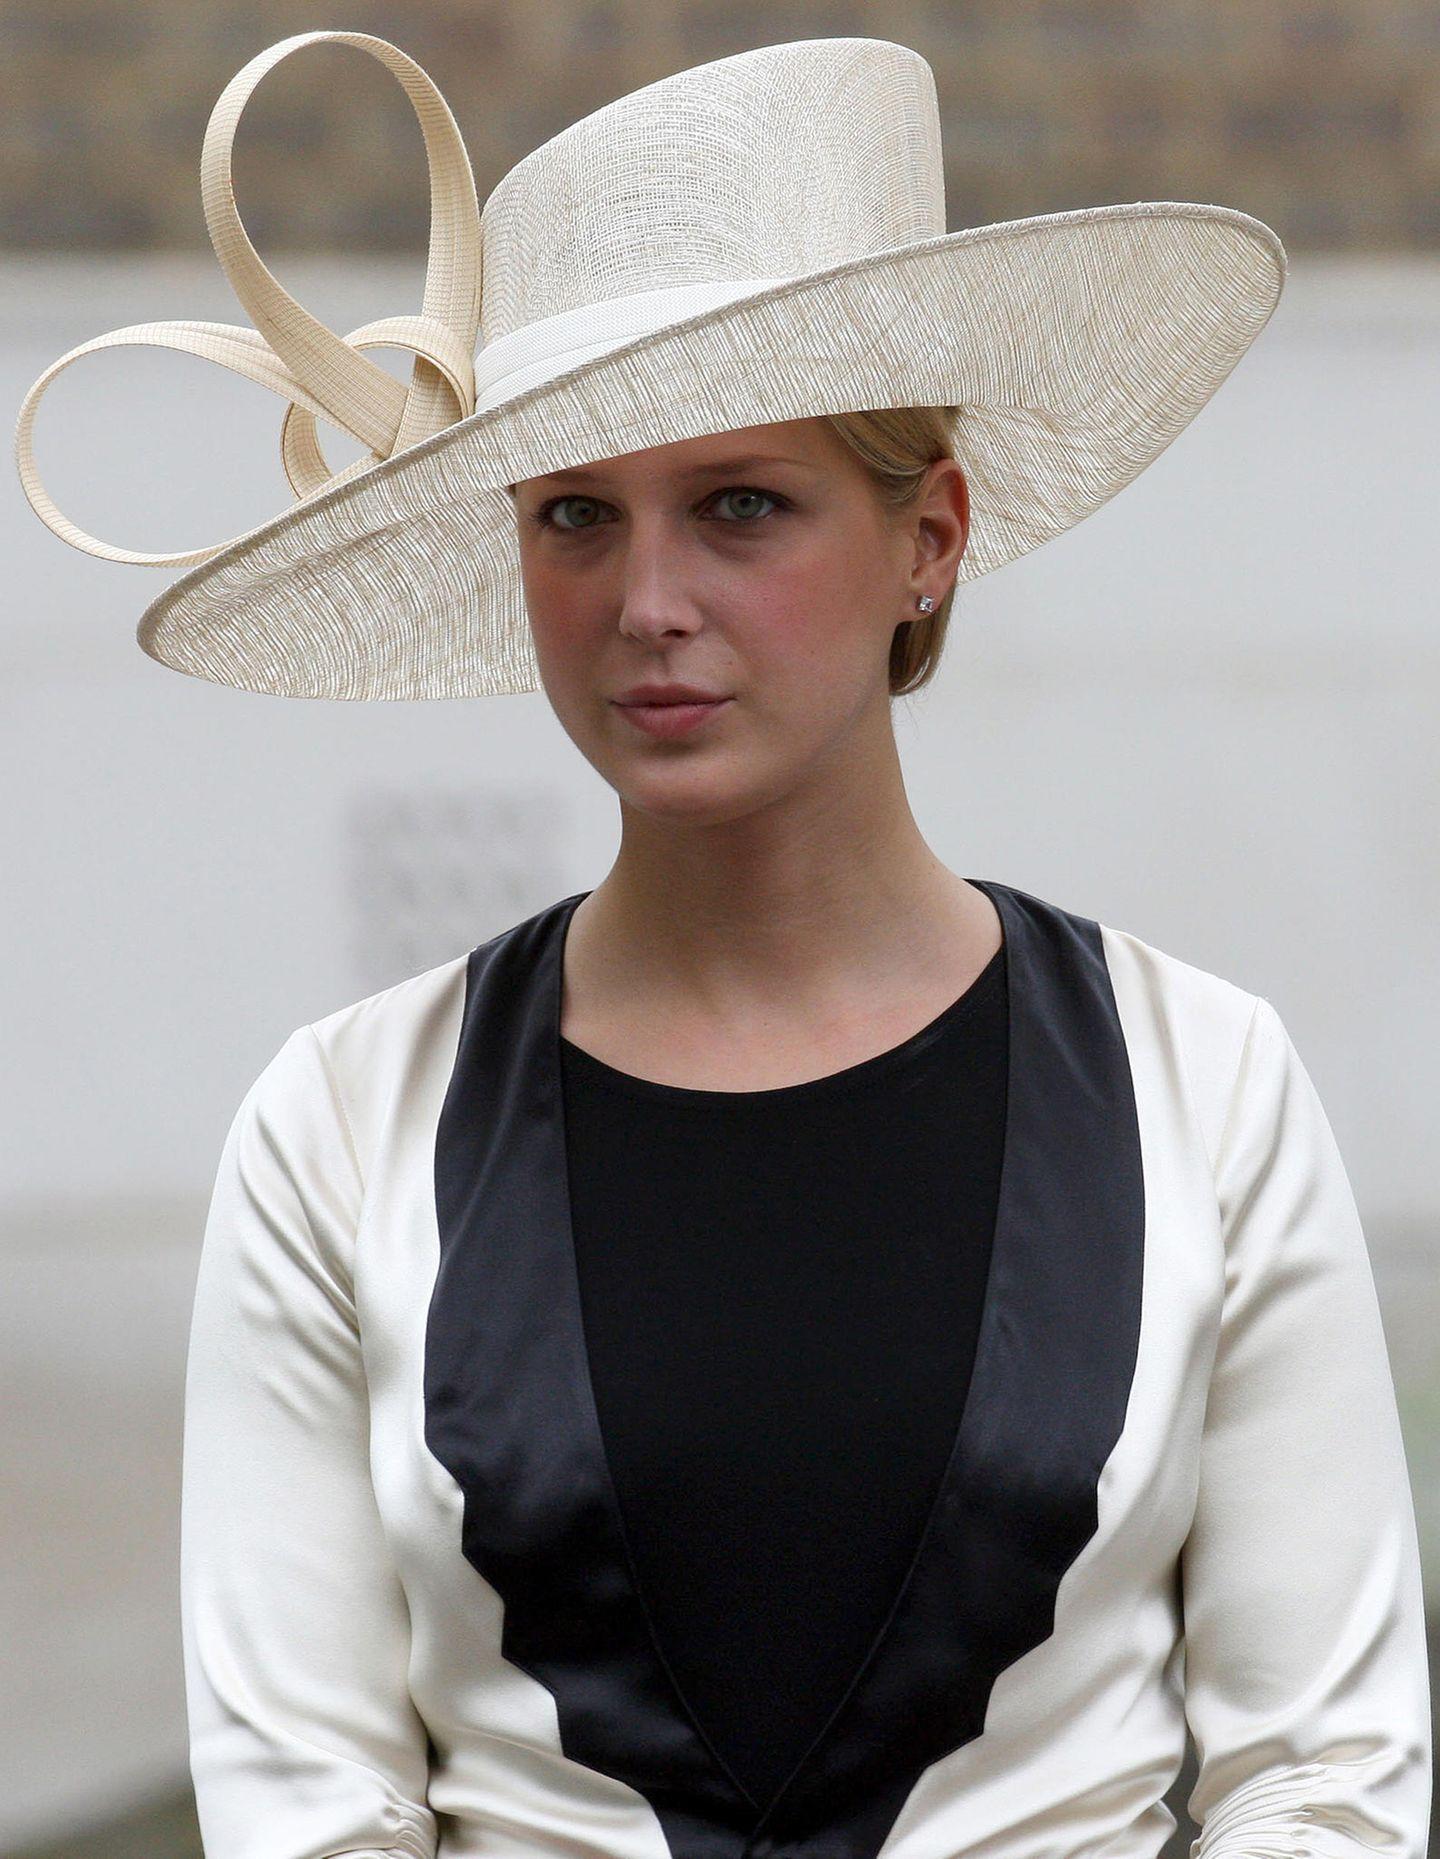 Genau zehn Jahre nach ihrem tragischen Tod findet ein Gedenkgottesdienst für Prinzessin Diana statt. Auch Lady Gabriella kommt zu diesem Anlass in die Guards' Chapel.